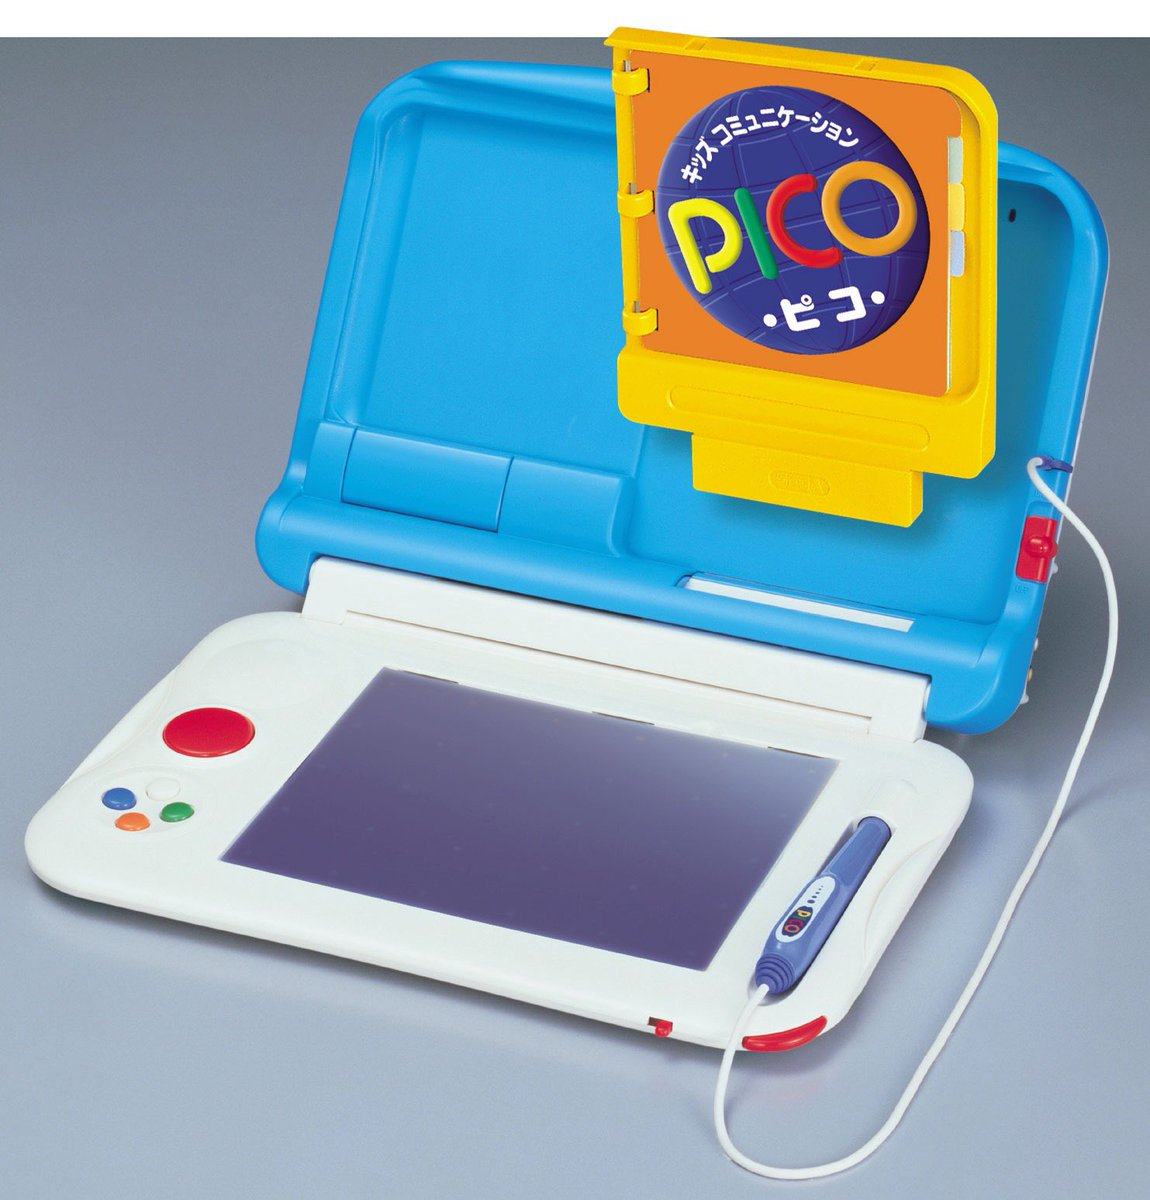 #成人の日  新成人のみなさんが子供の頃遊んだ「キッズコミュニケーション・ピコ」はセガより1993年に発売された電子知育玩具「キッズコンピュータ・PICO」の後継機。  テレビ画面と絵本が連動しお絵かきしたり、ひらがなを覚えたりして大きくなった人も多いのではないでしょうか?